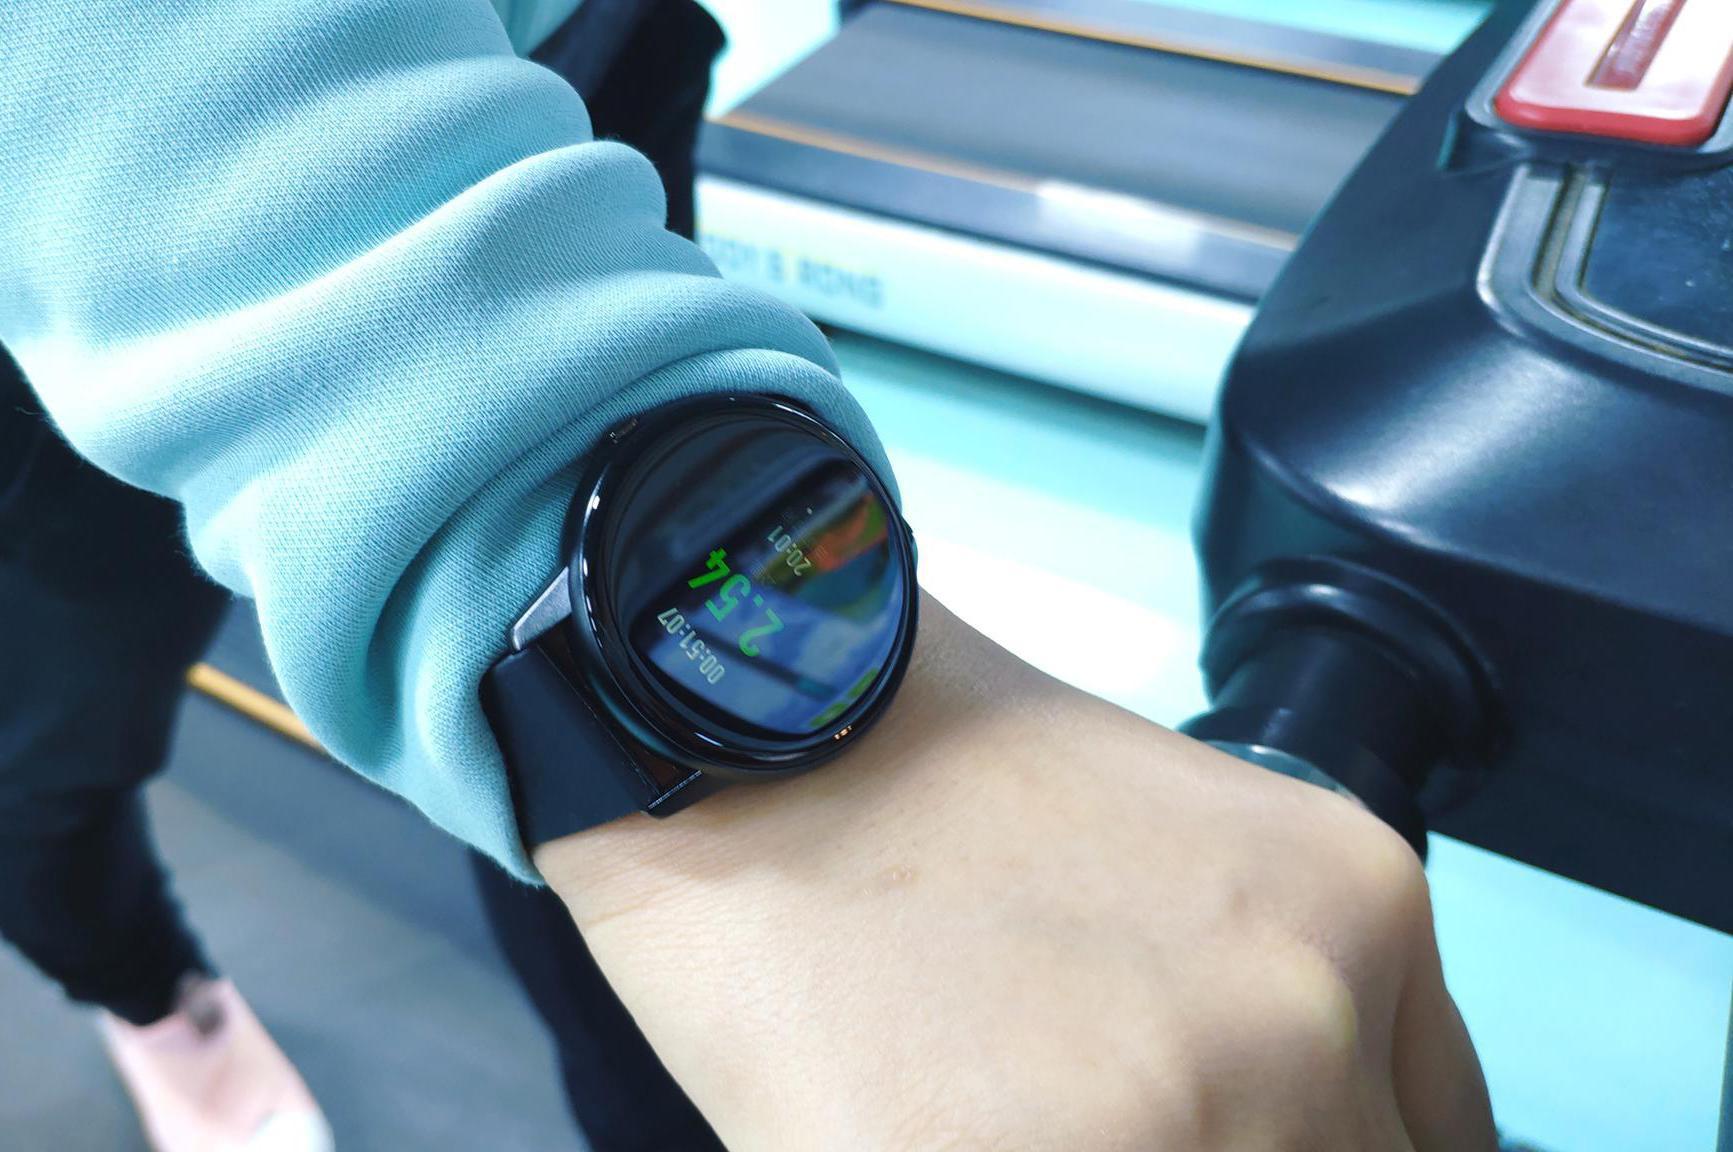 运动戴上这只智能手表吧,体温心率监测+跳绳羽毛球数据它都有